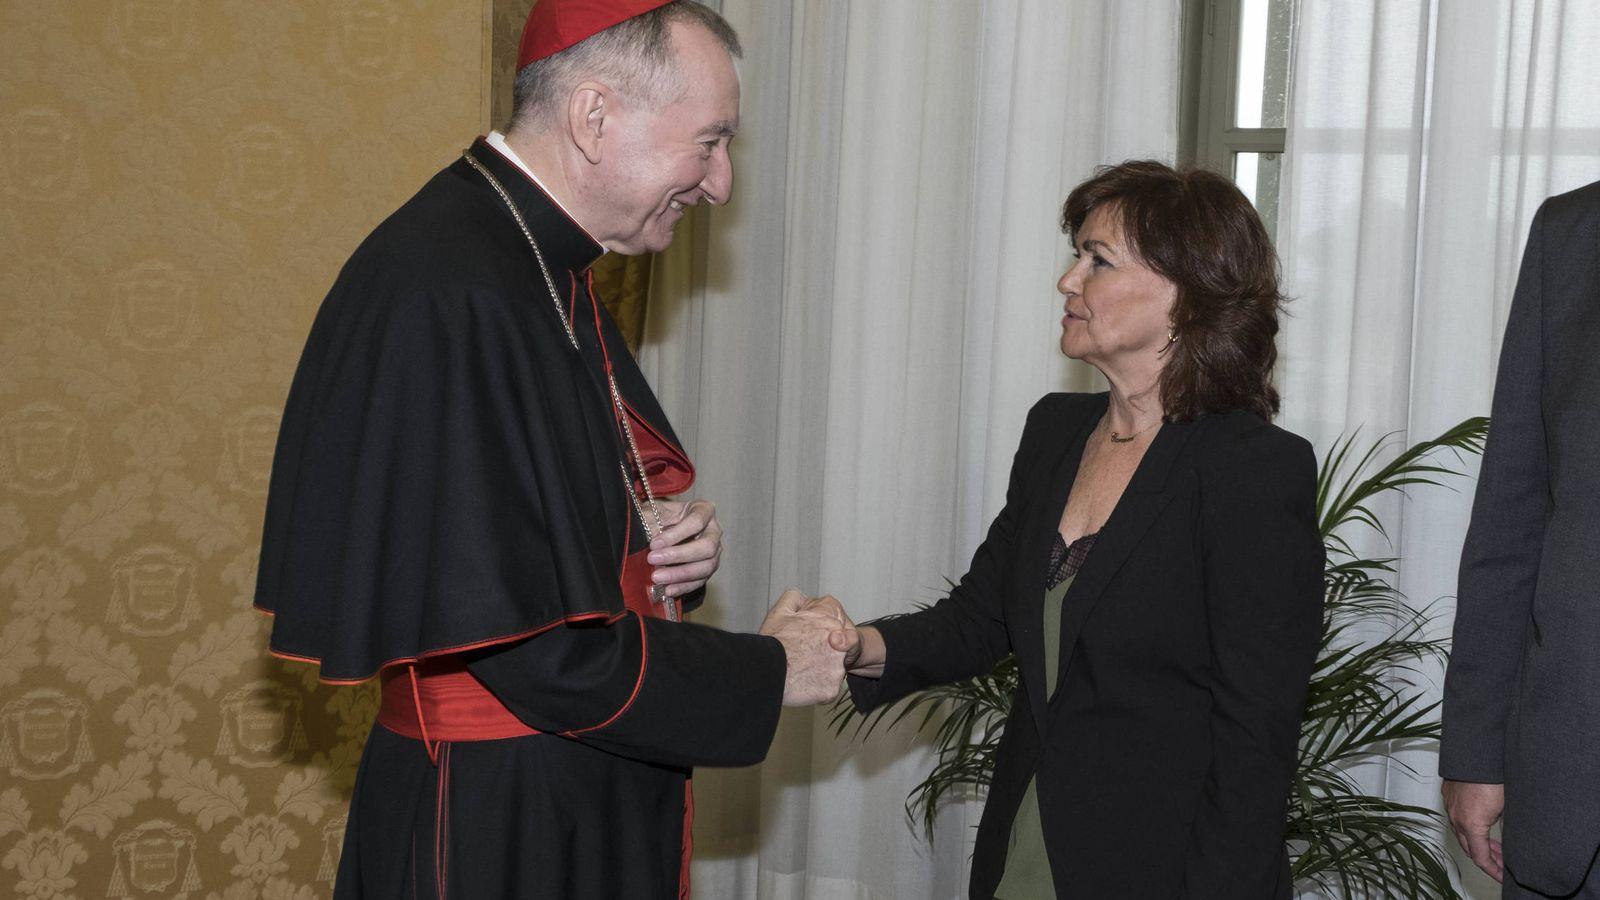 Foto: Carmen Calvo con el secretario del Estado de la Santa Sede, Pietro Parolin, en su reunión este 29 de octubre en el Vaticano. (Moncloa)